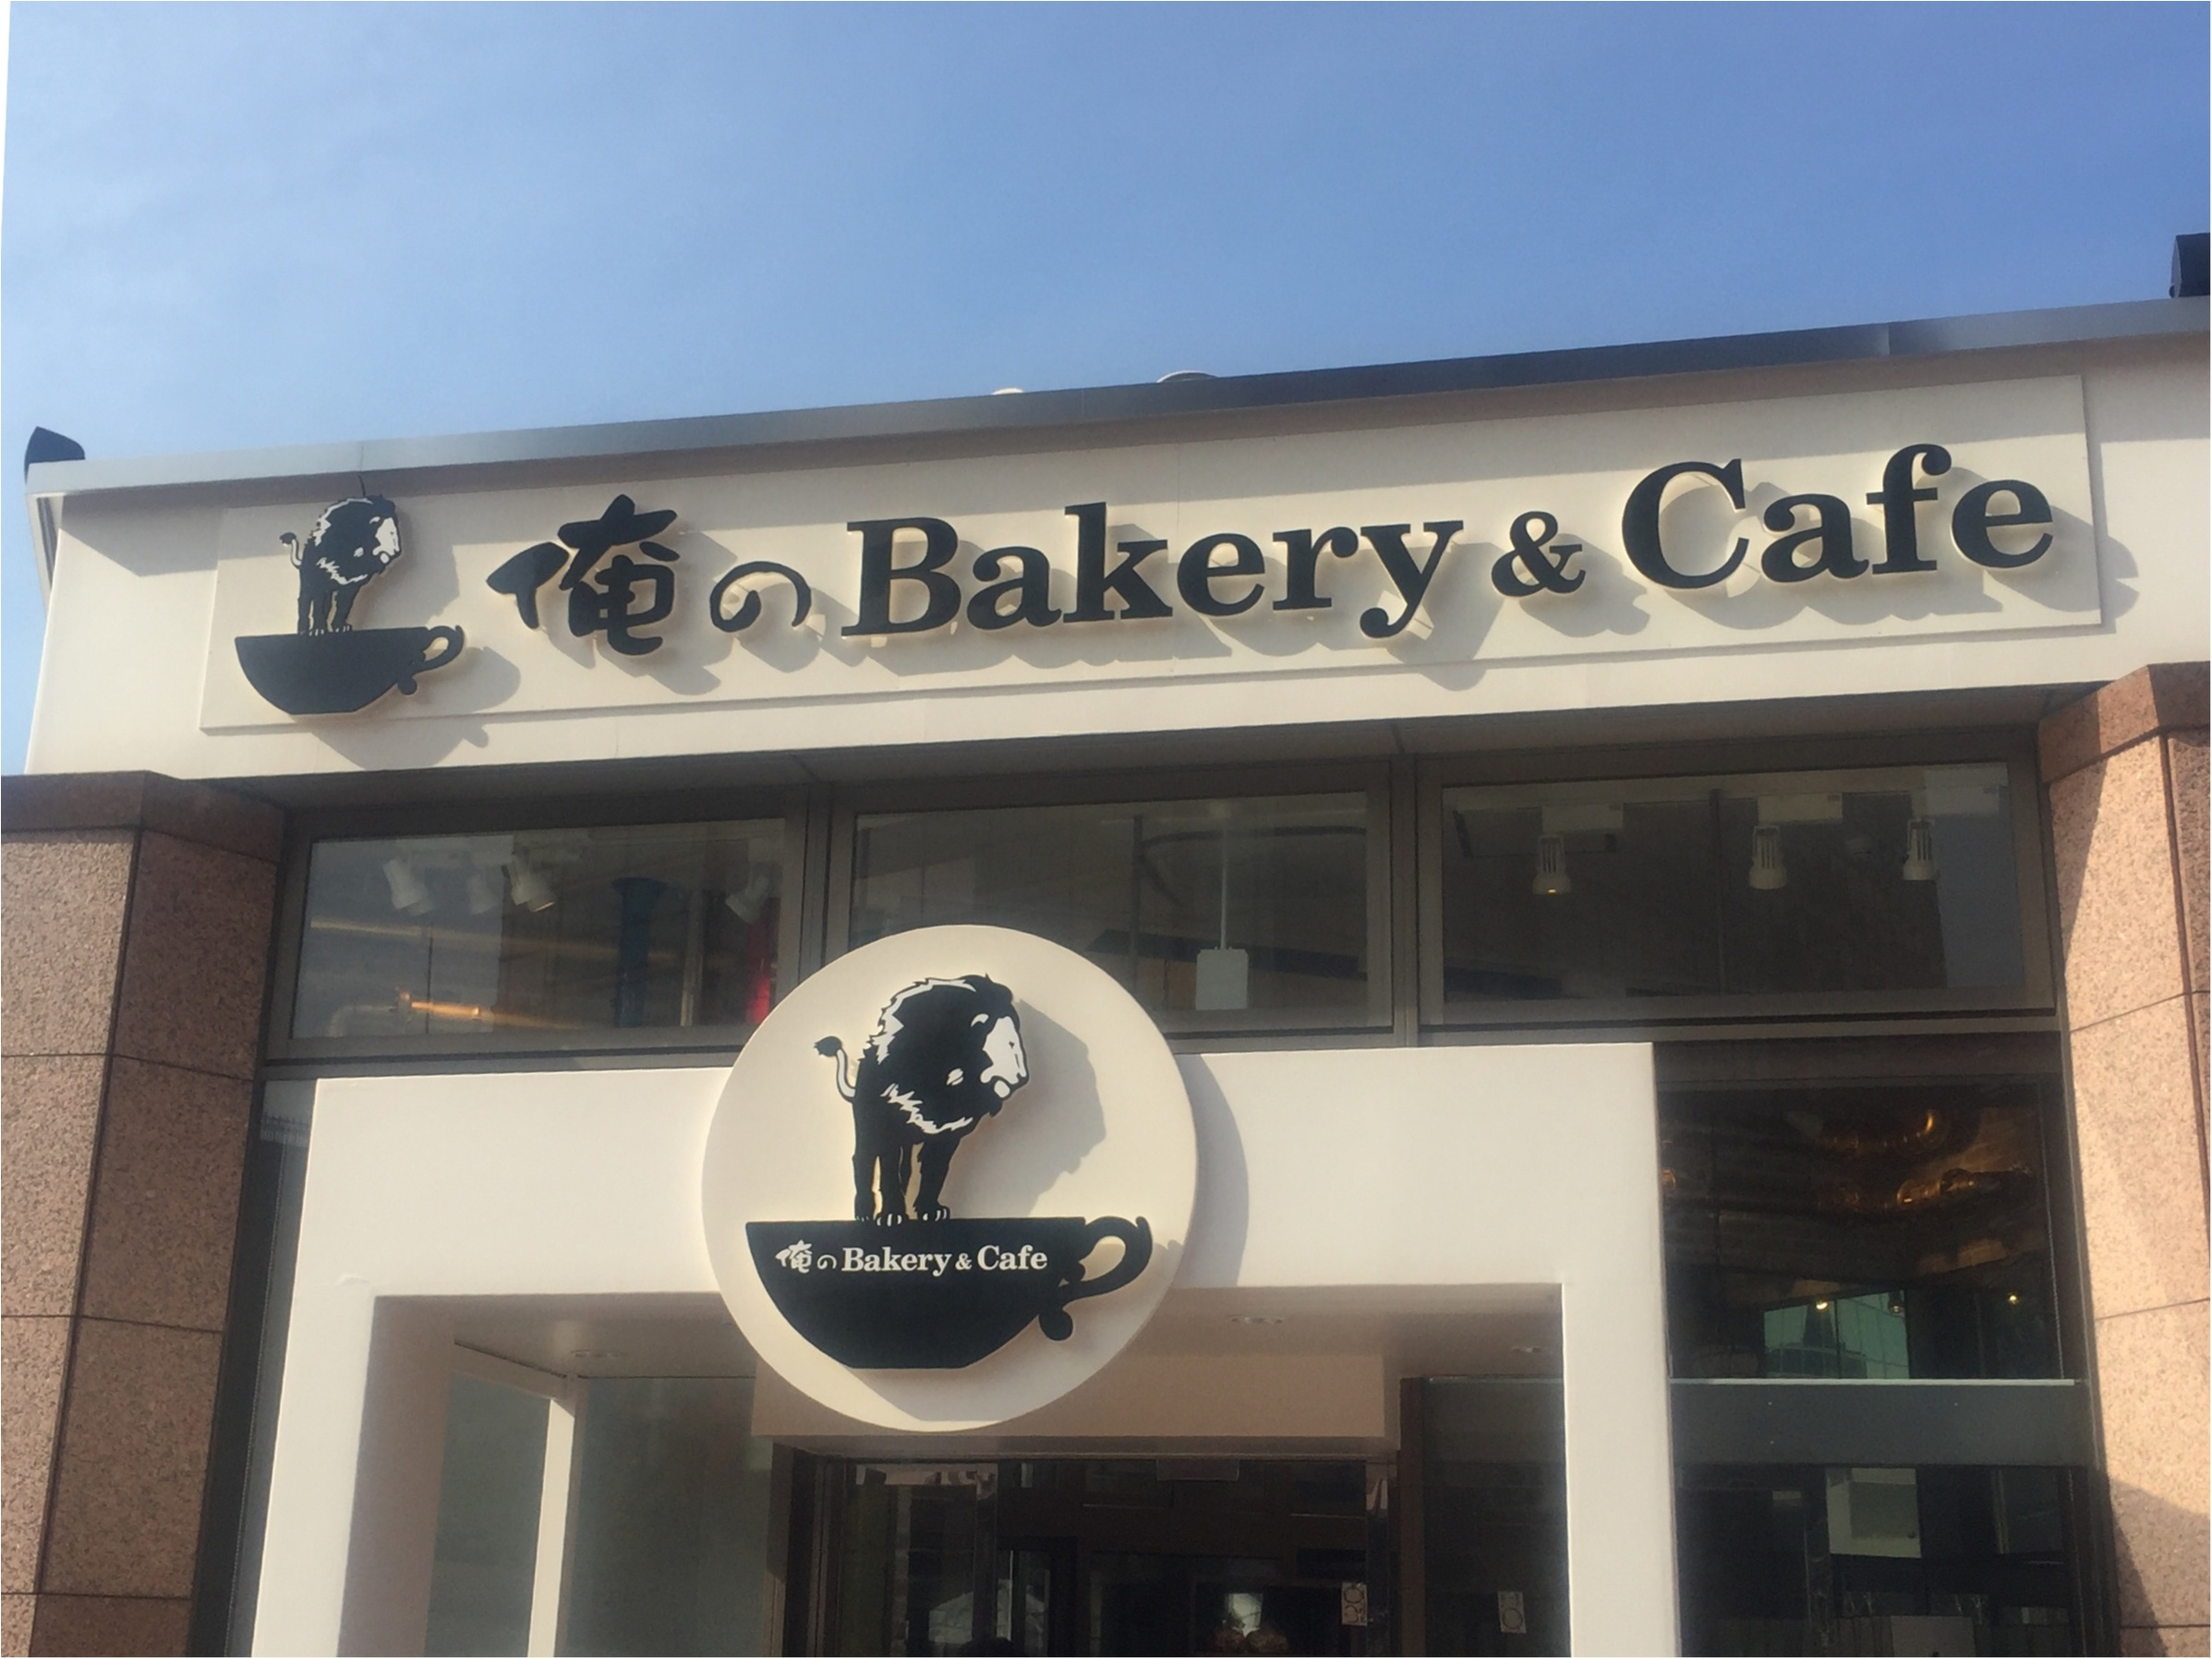 パン好きは絶対行かなきゃ!恵比寿 俺のbakery&cafeが評判通りのおいしさ。_1